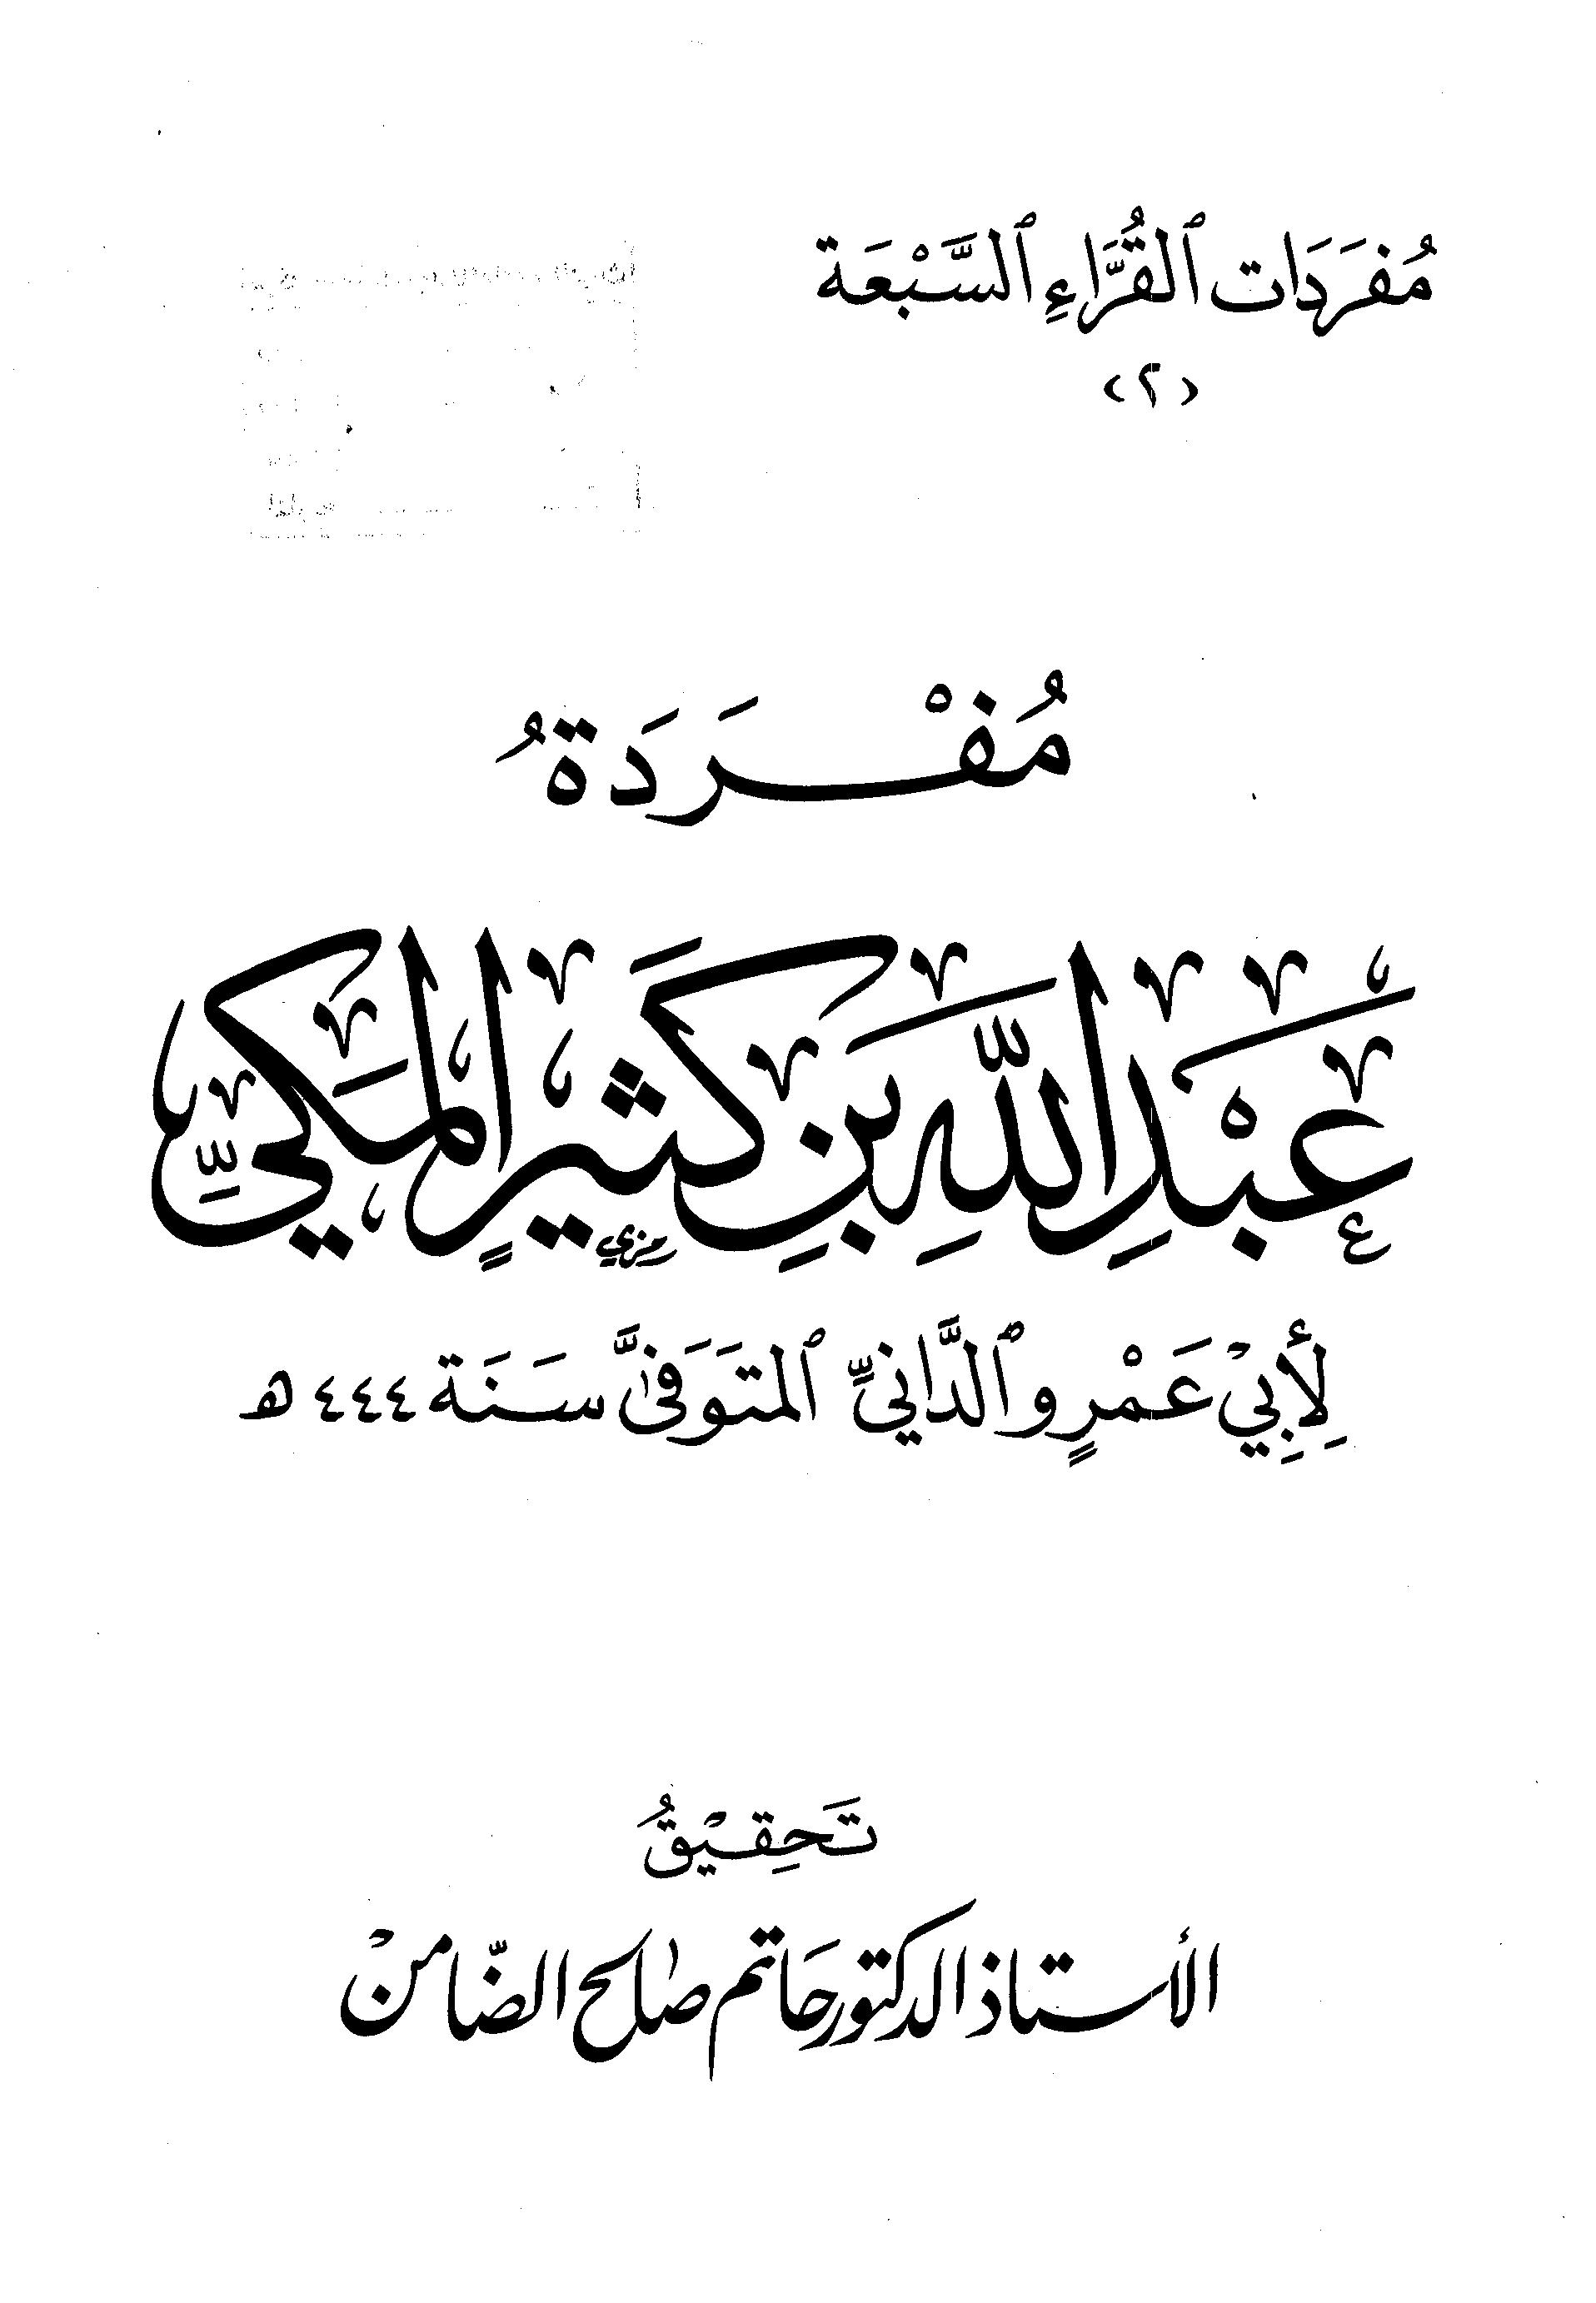 تحميل كتاب مفردة عبد الله بن كثير المكي لـِ: الإمام أبو عمرو عثمان بن سعيد بن عثمان بن عمر الداني (ت 444)